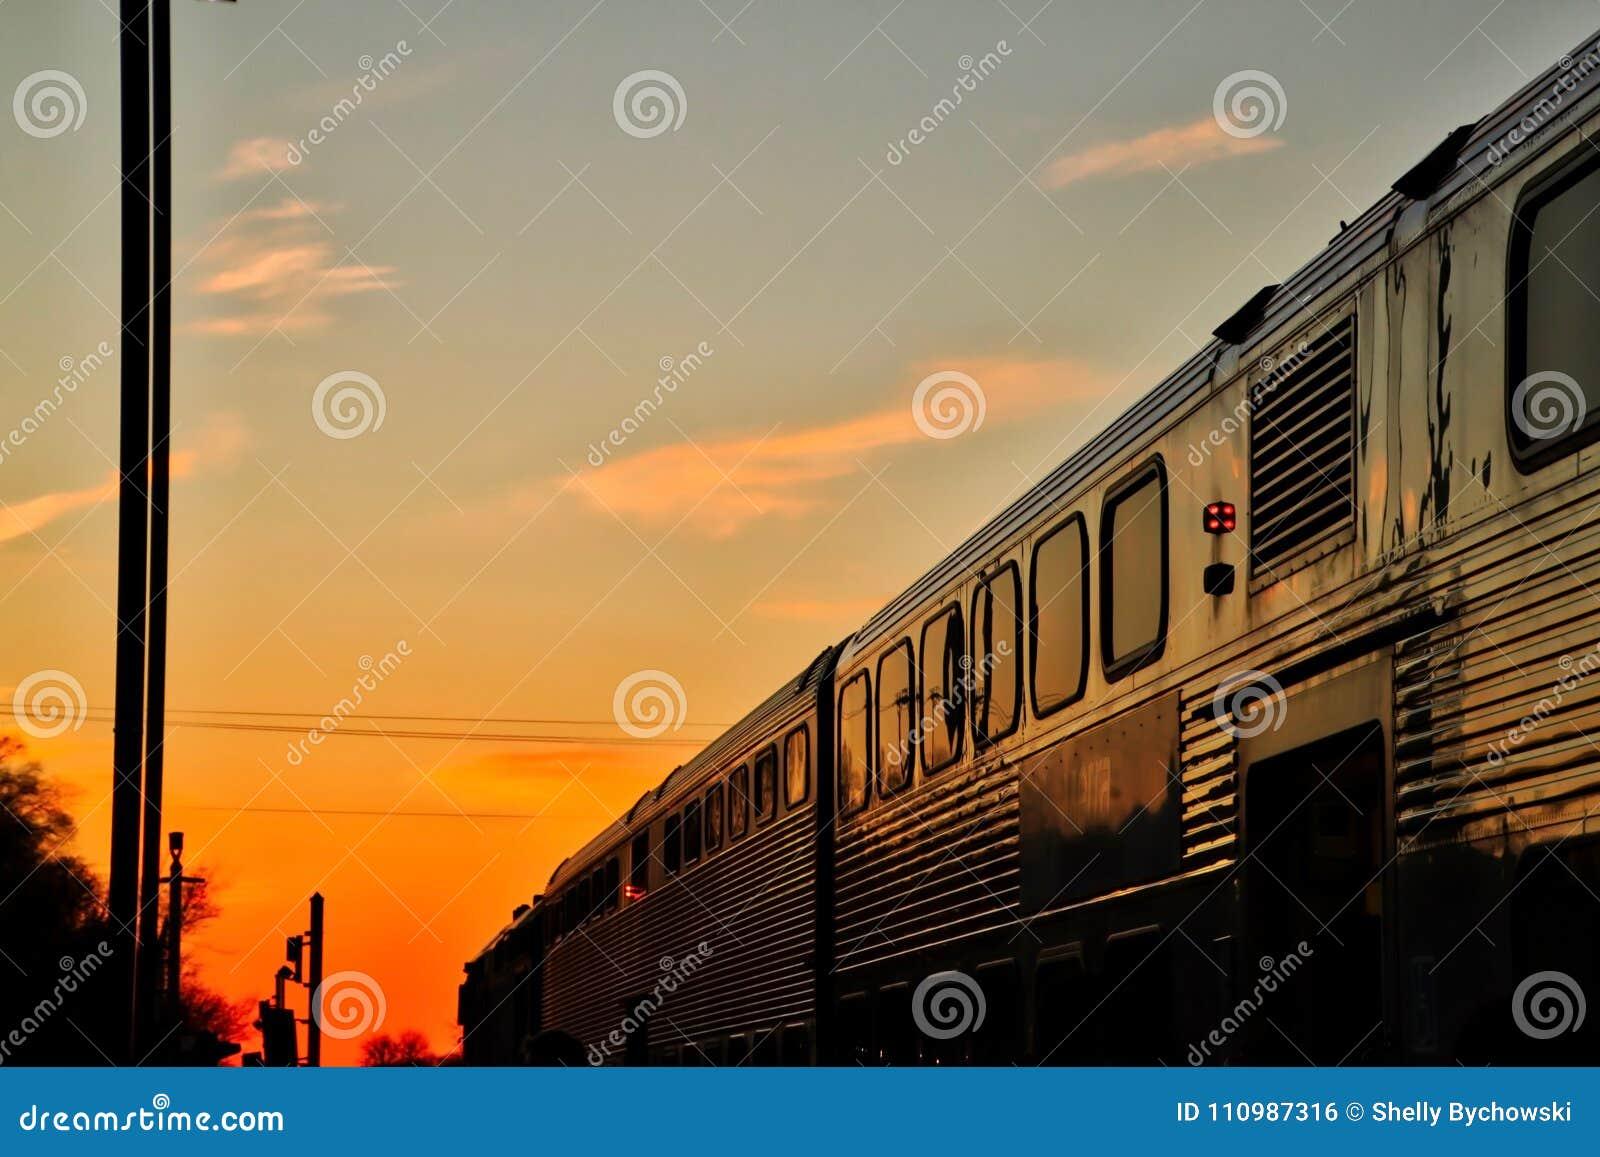 Metra-Zug reist in den Sonnenuntergang am Ende eines Spätwintertages